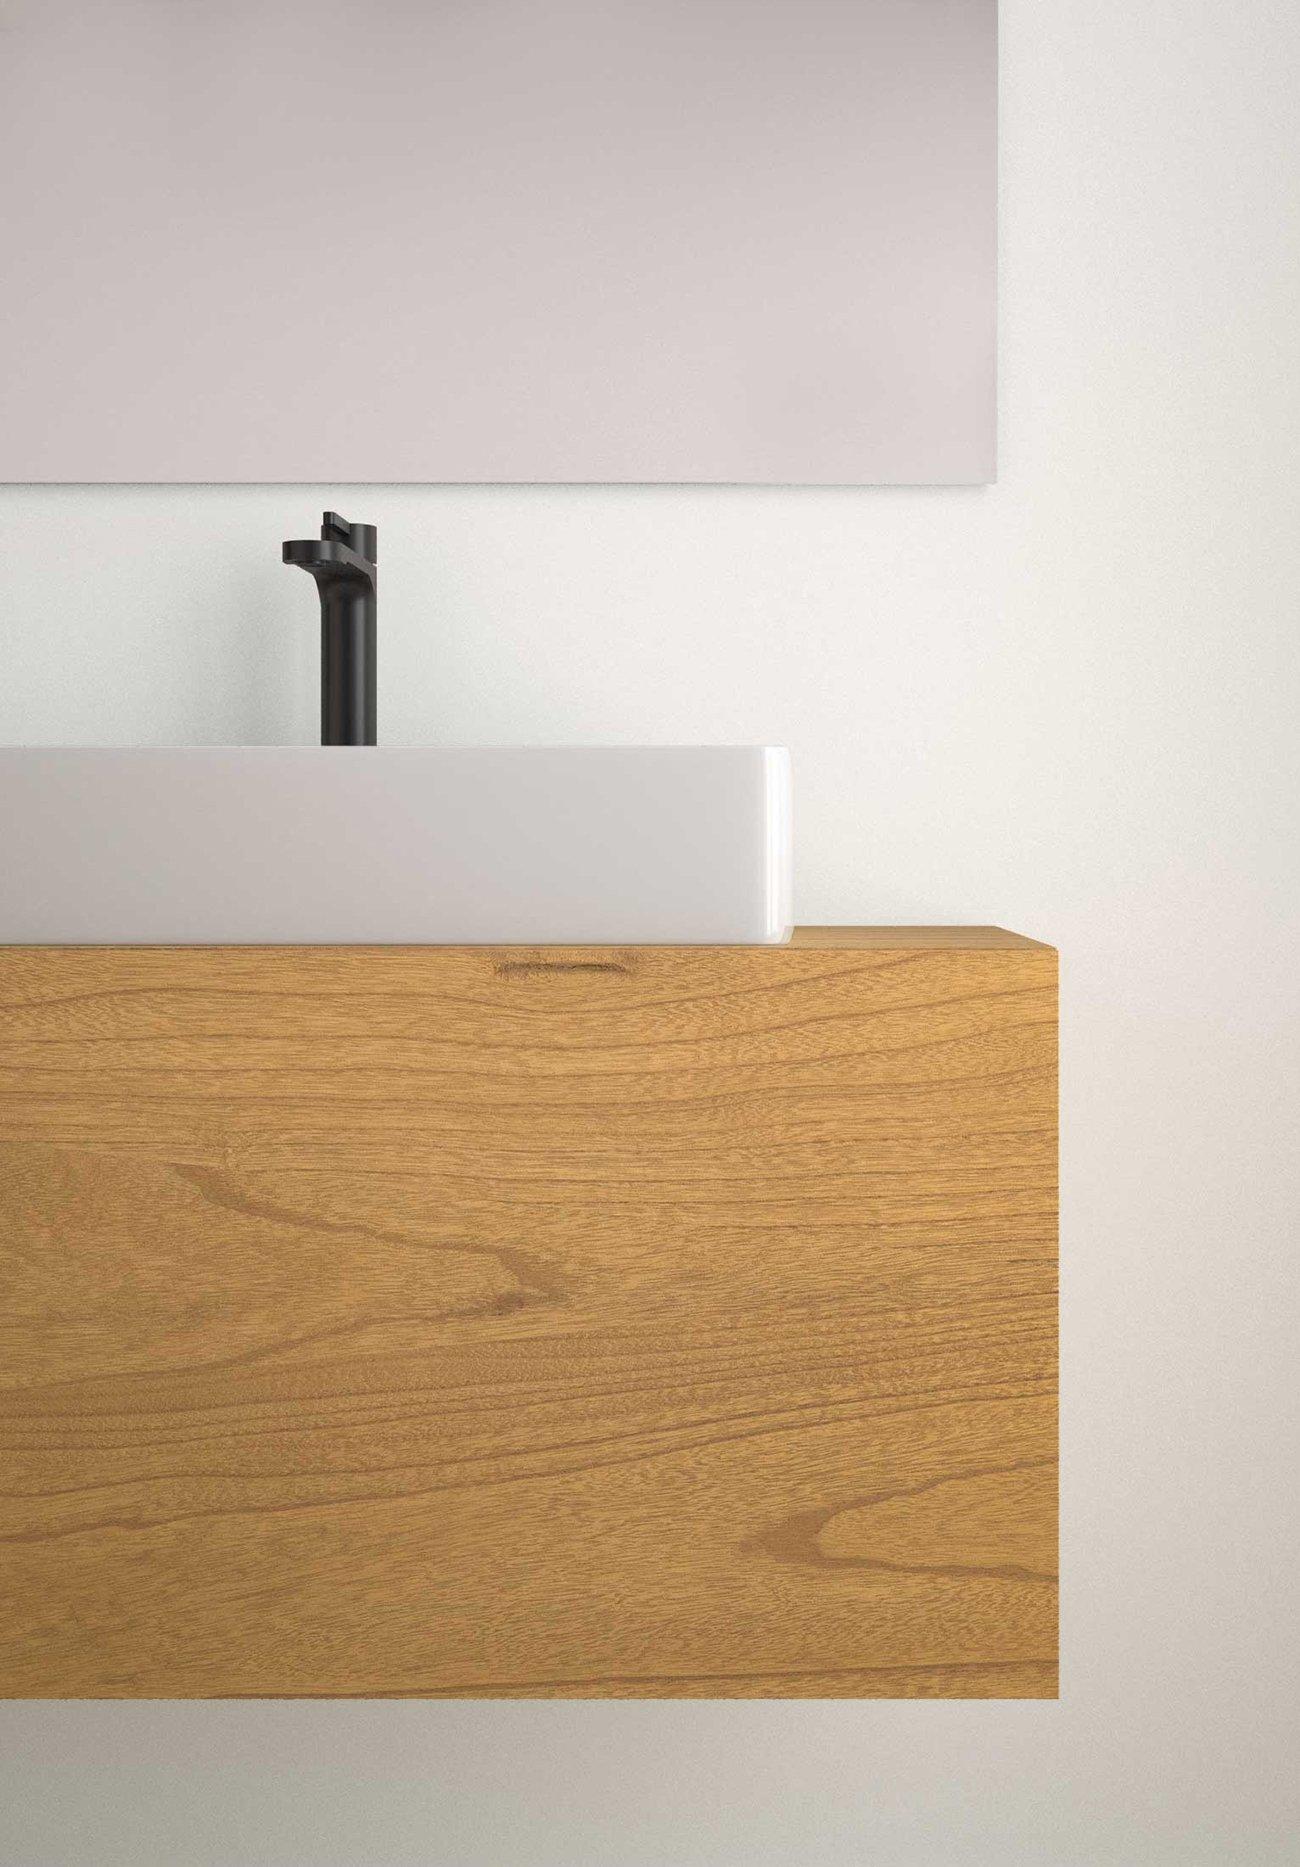 Lavabo con orificio, Fino K42. Ambiente Mueble para baño con tapa, C4 Steche. Liso